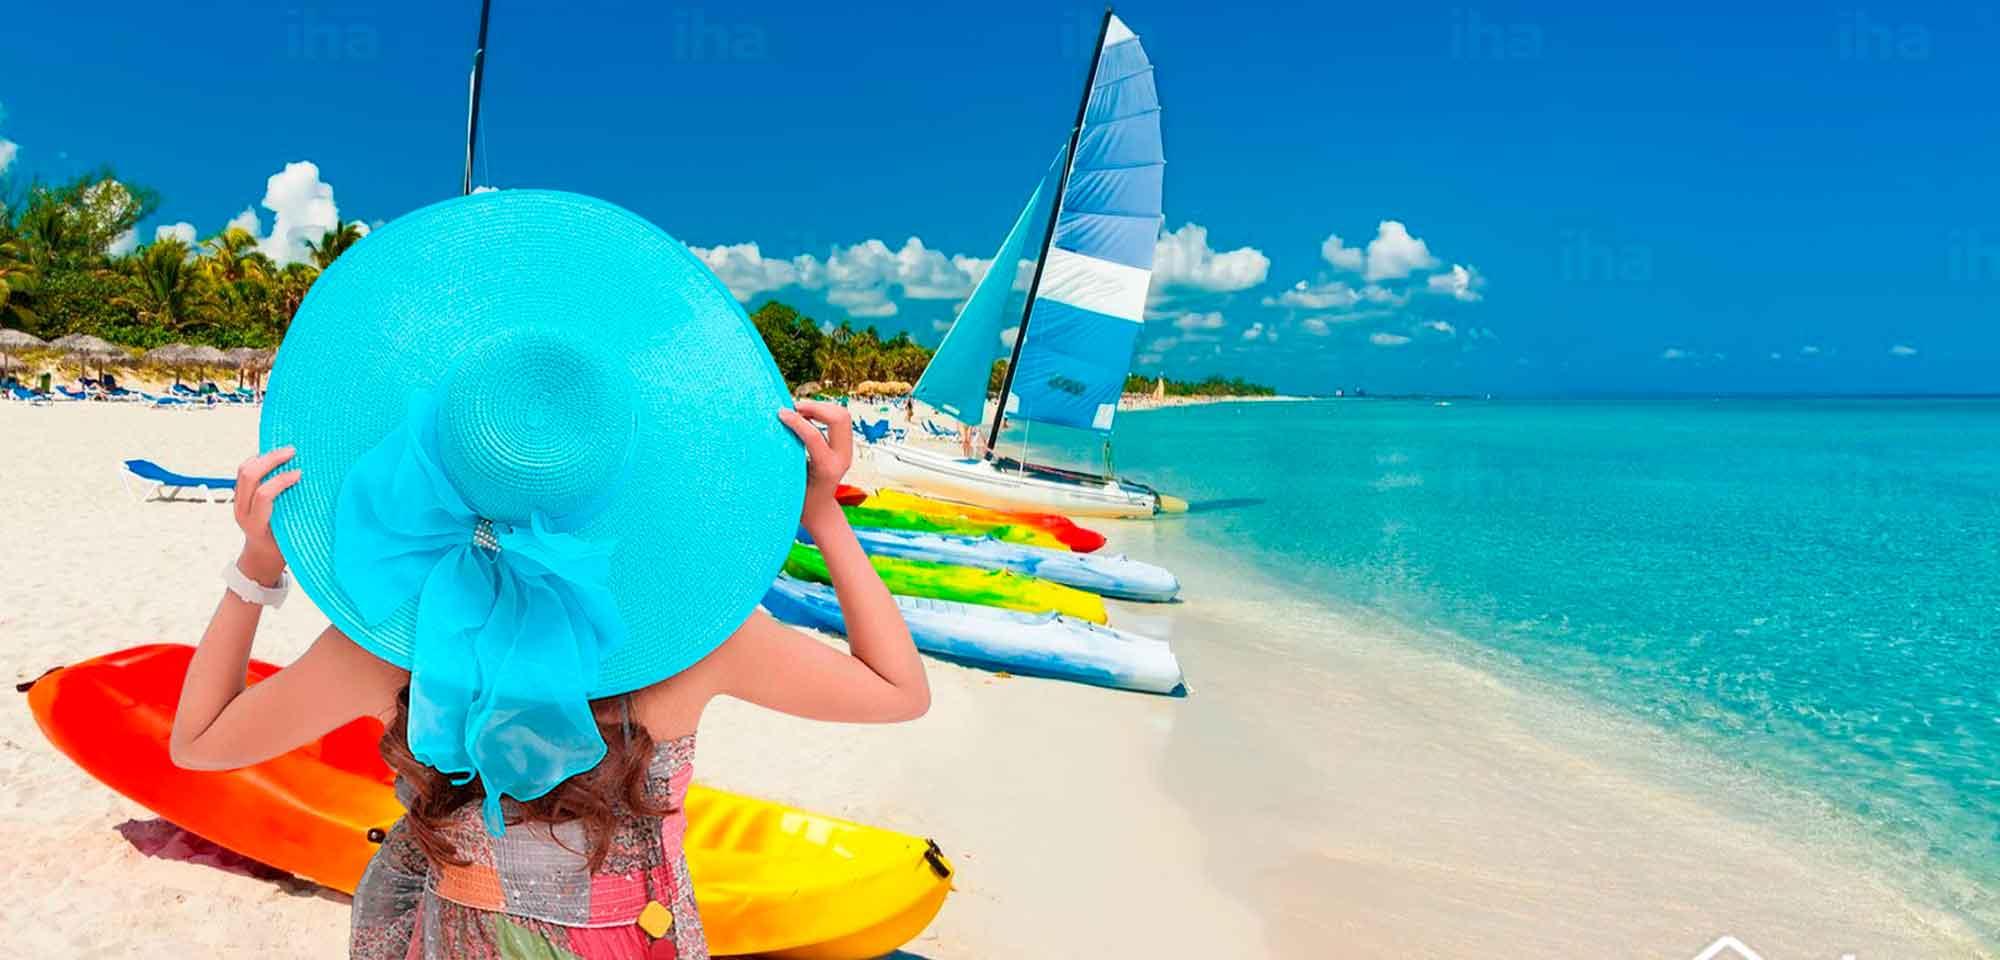 Paquetes Turísticos a Cuba - Varadero